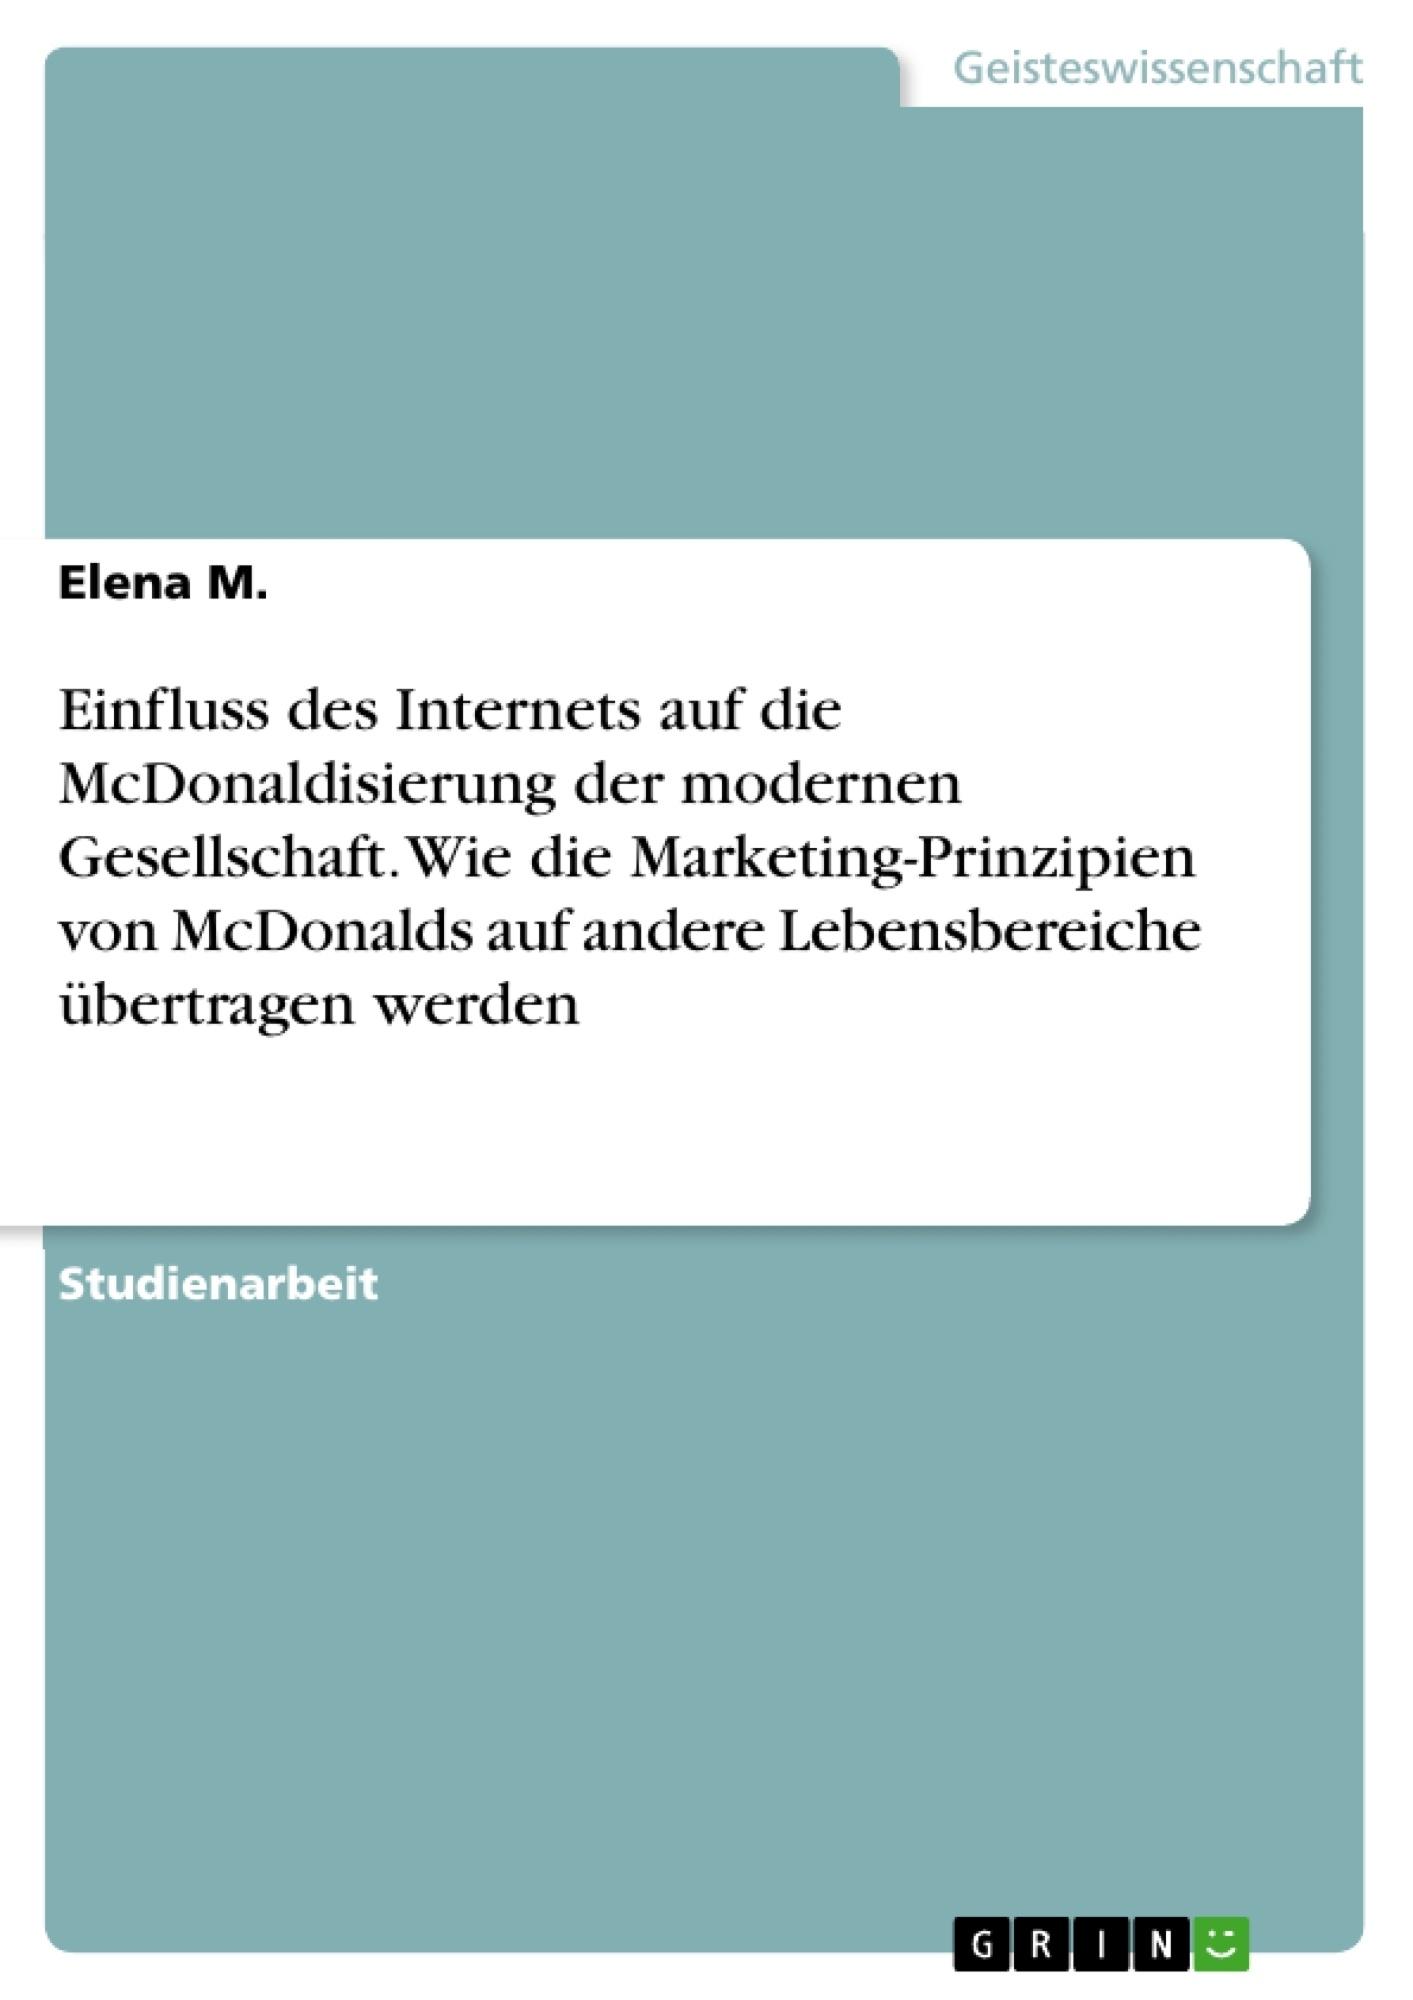 Titel: Einfluss des Internets auf die McDonaldisierung der modernen Gesellschaft. Wie die Marketing-Prinzipien von McDonalds auf andere Lebensbereiche übertragen werden